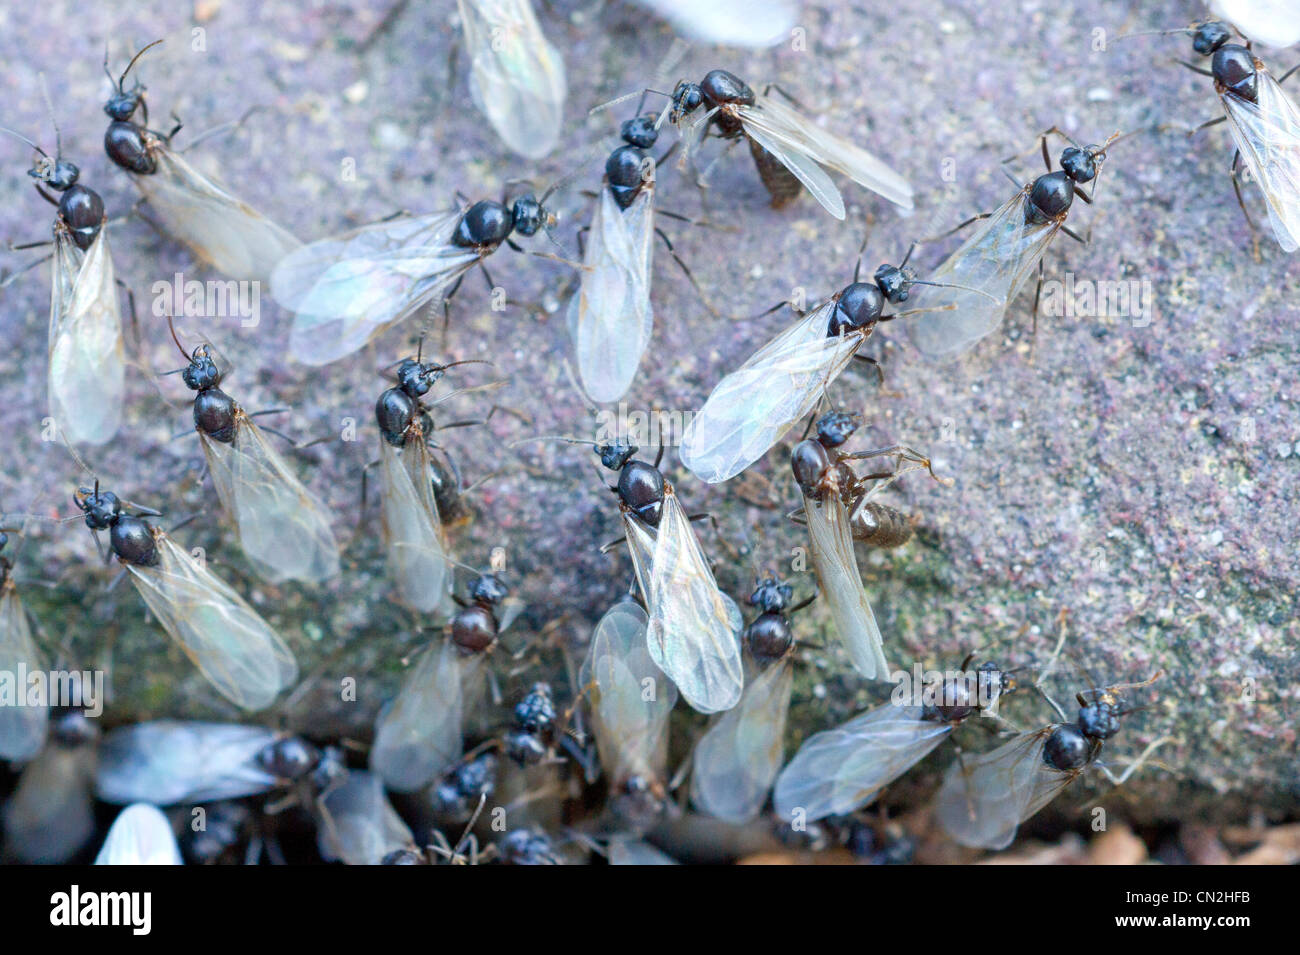 Gut gemocht Fliegende Ameisen bereit für ausziehen Stockfoto, Bild: 47386175 CK75